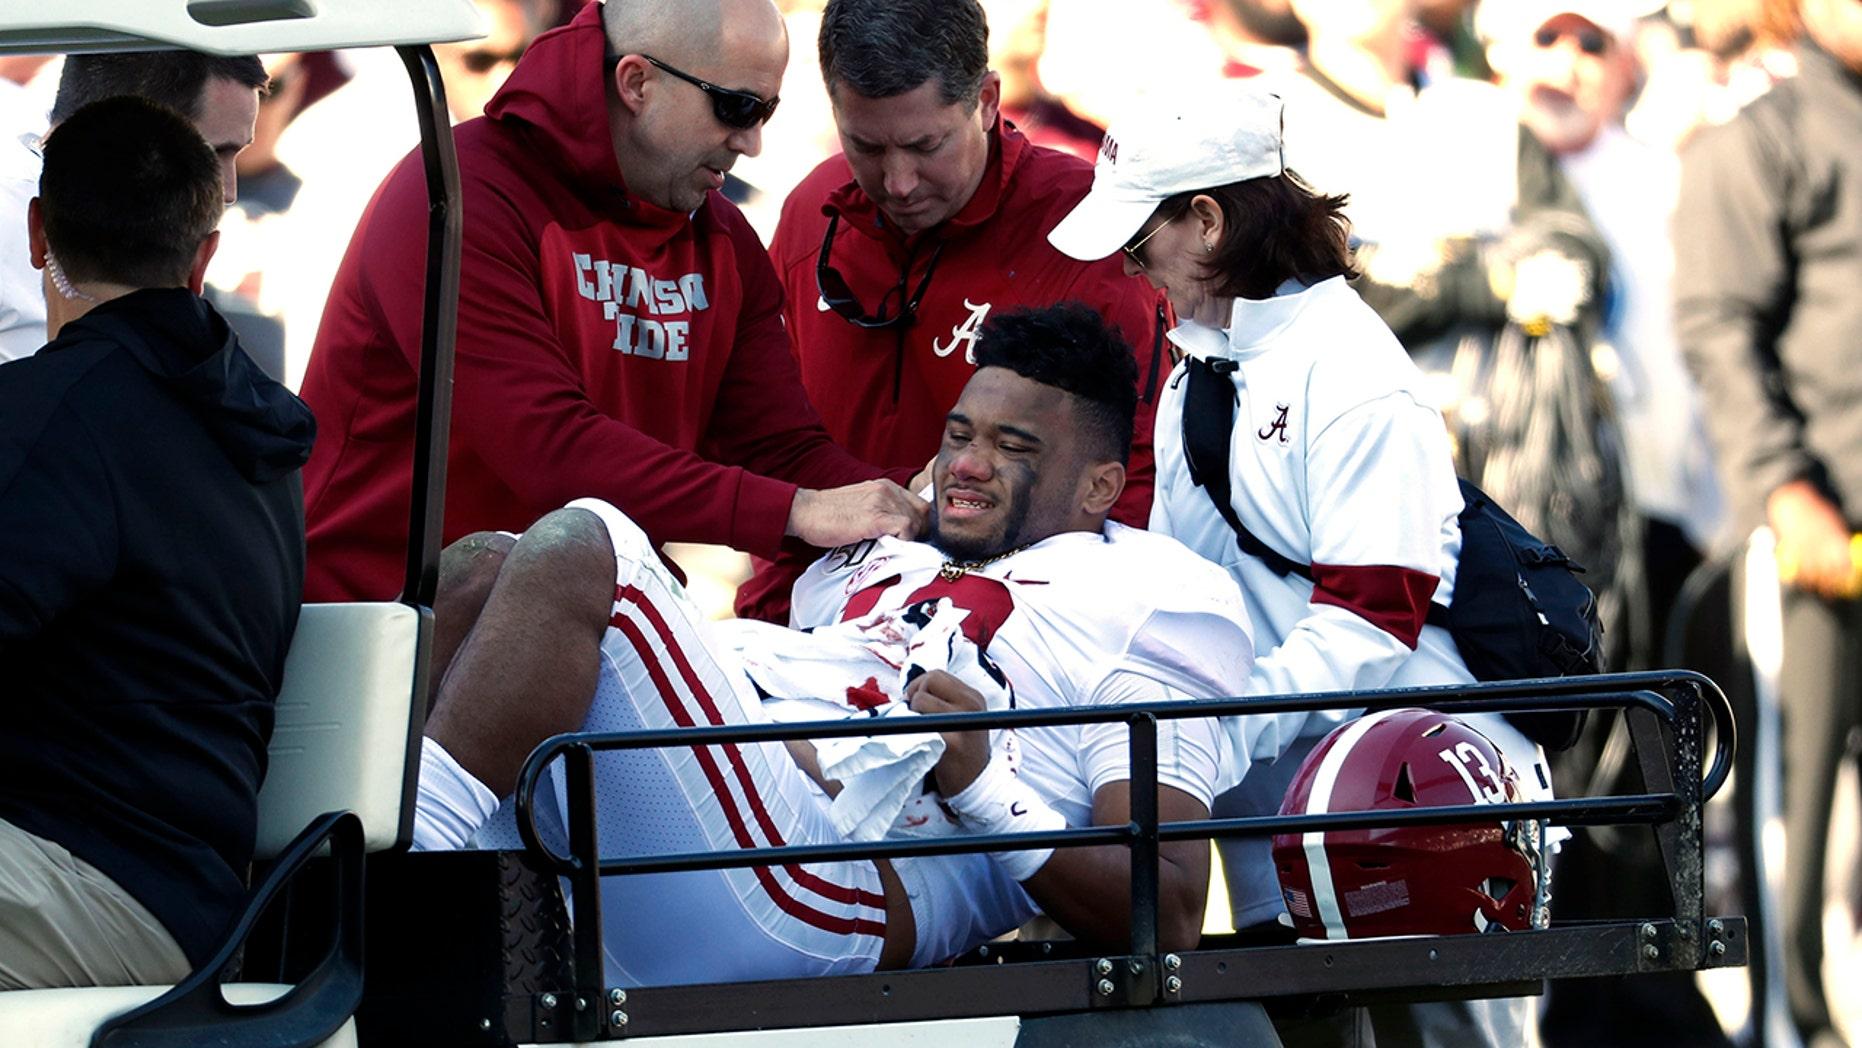 Westlake Legal Group Tua-Tagovailoa2 Alabama star Tua Tagovailoa set for hip surgery in Houston fox-news/sports/ncaa/alabama-crimson-tide fox-news/sports/ncaa-fb fox-news/sports/ncaa fnc/sports fnc Associated Press article 475eef15-9bf7-5a63-bd77-56f32d8f5b23